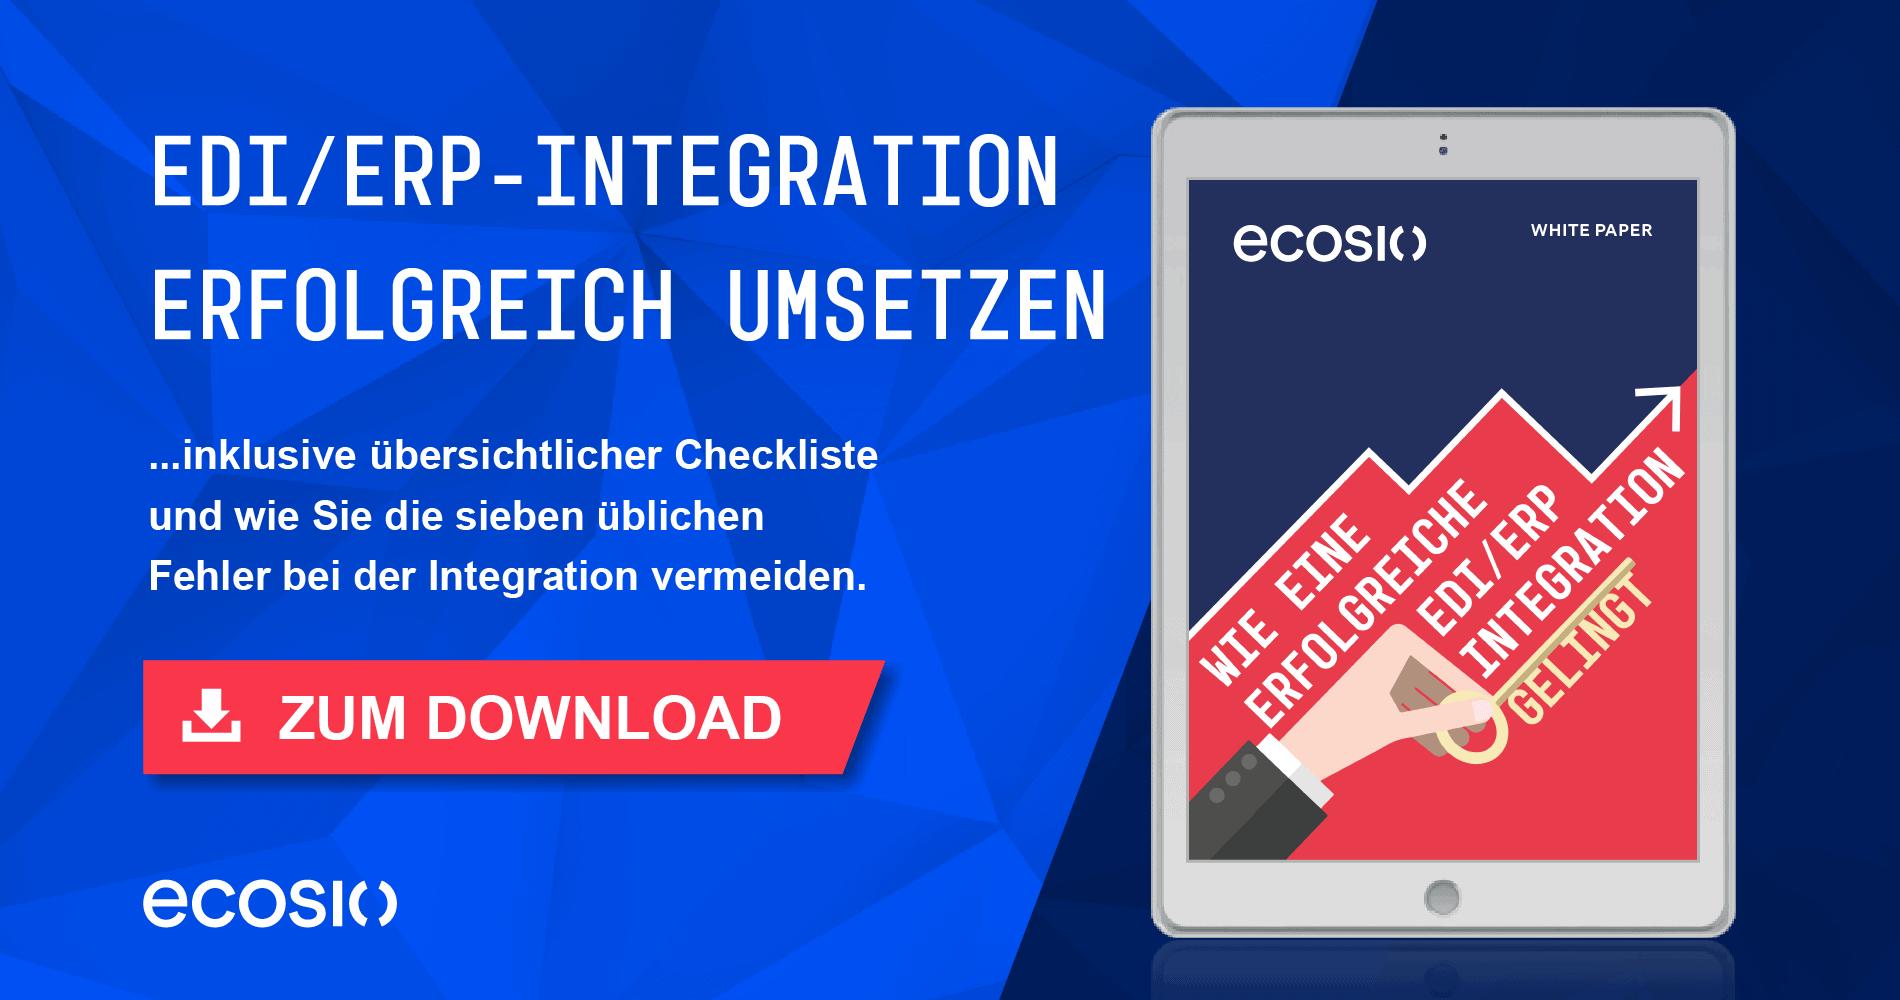 White Paper – Wie eine erfolgreiche EDI/ERP-Integration gelingt